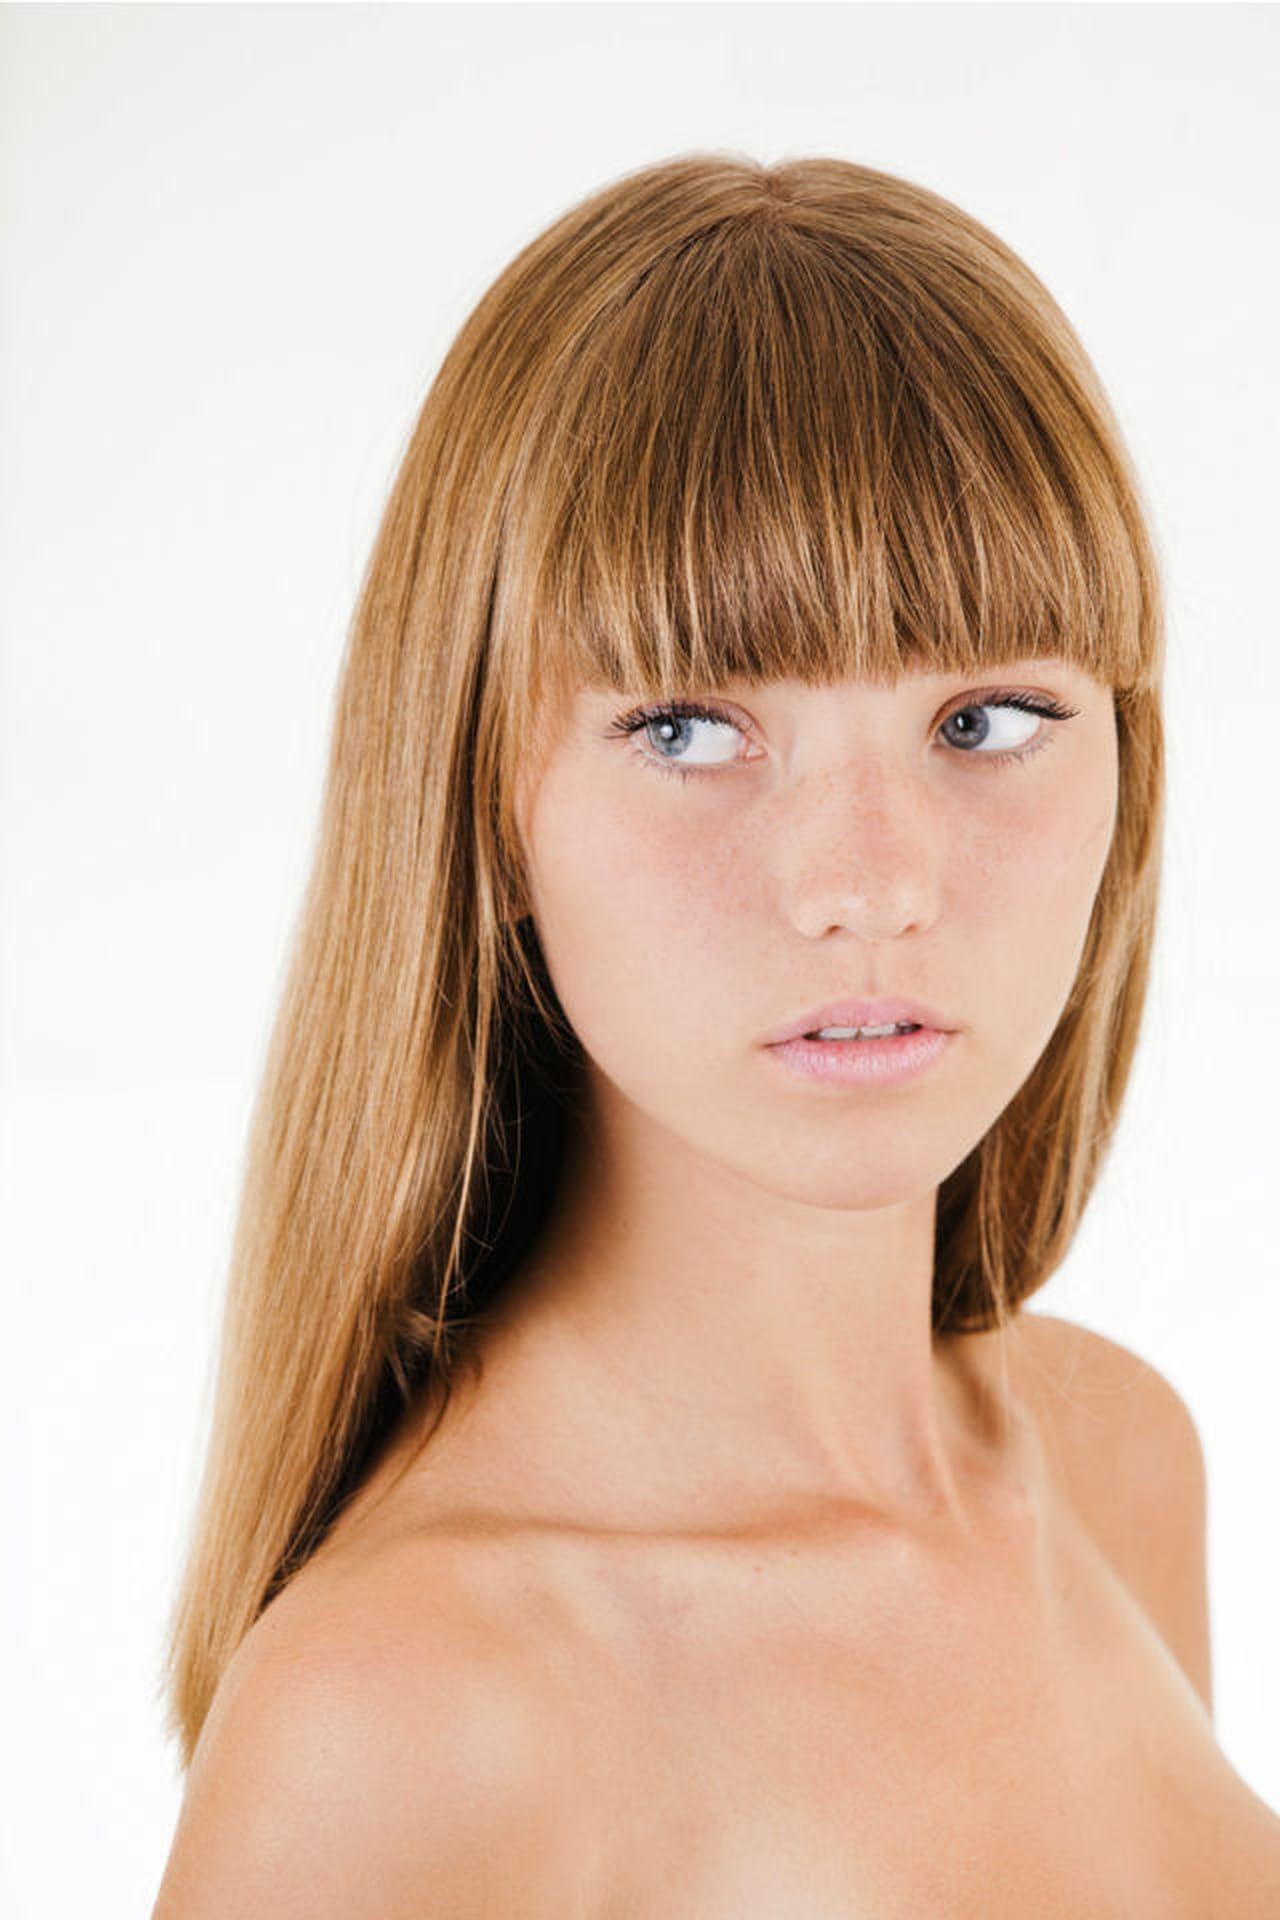 Capelli: qual è il taglio più adatto al mio viso?